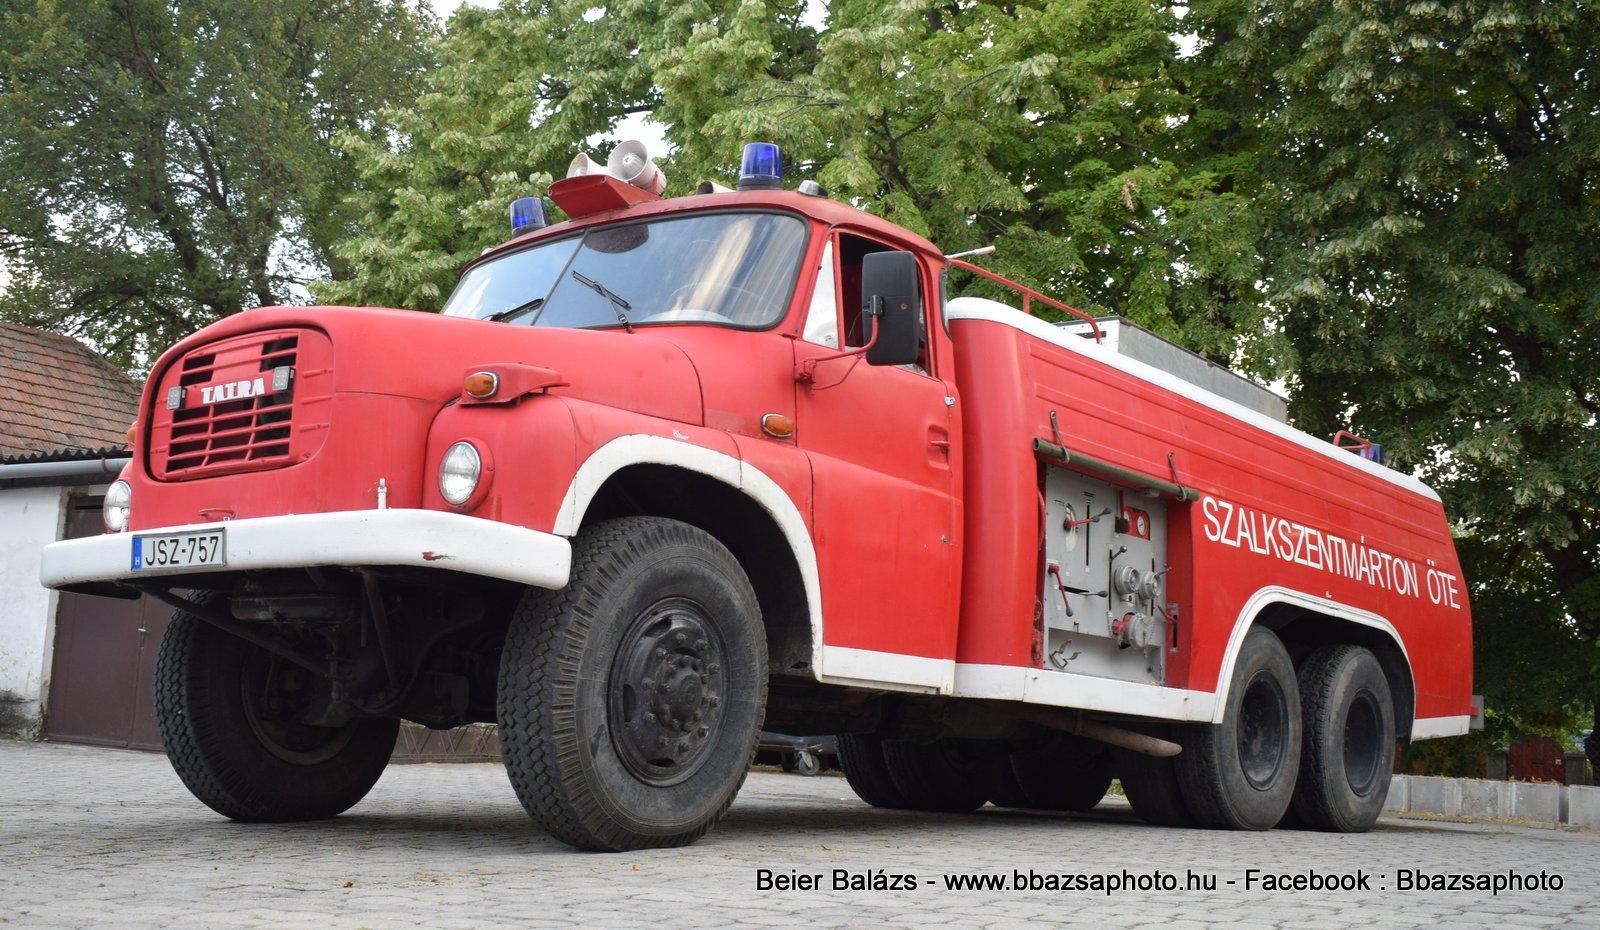 Tatra 148 – Szalkszentmárton ÖTE